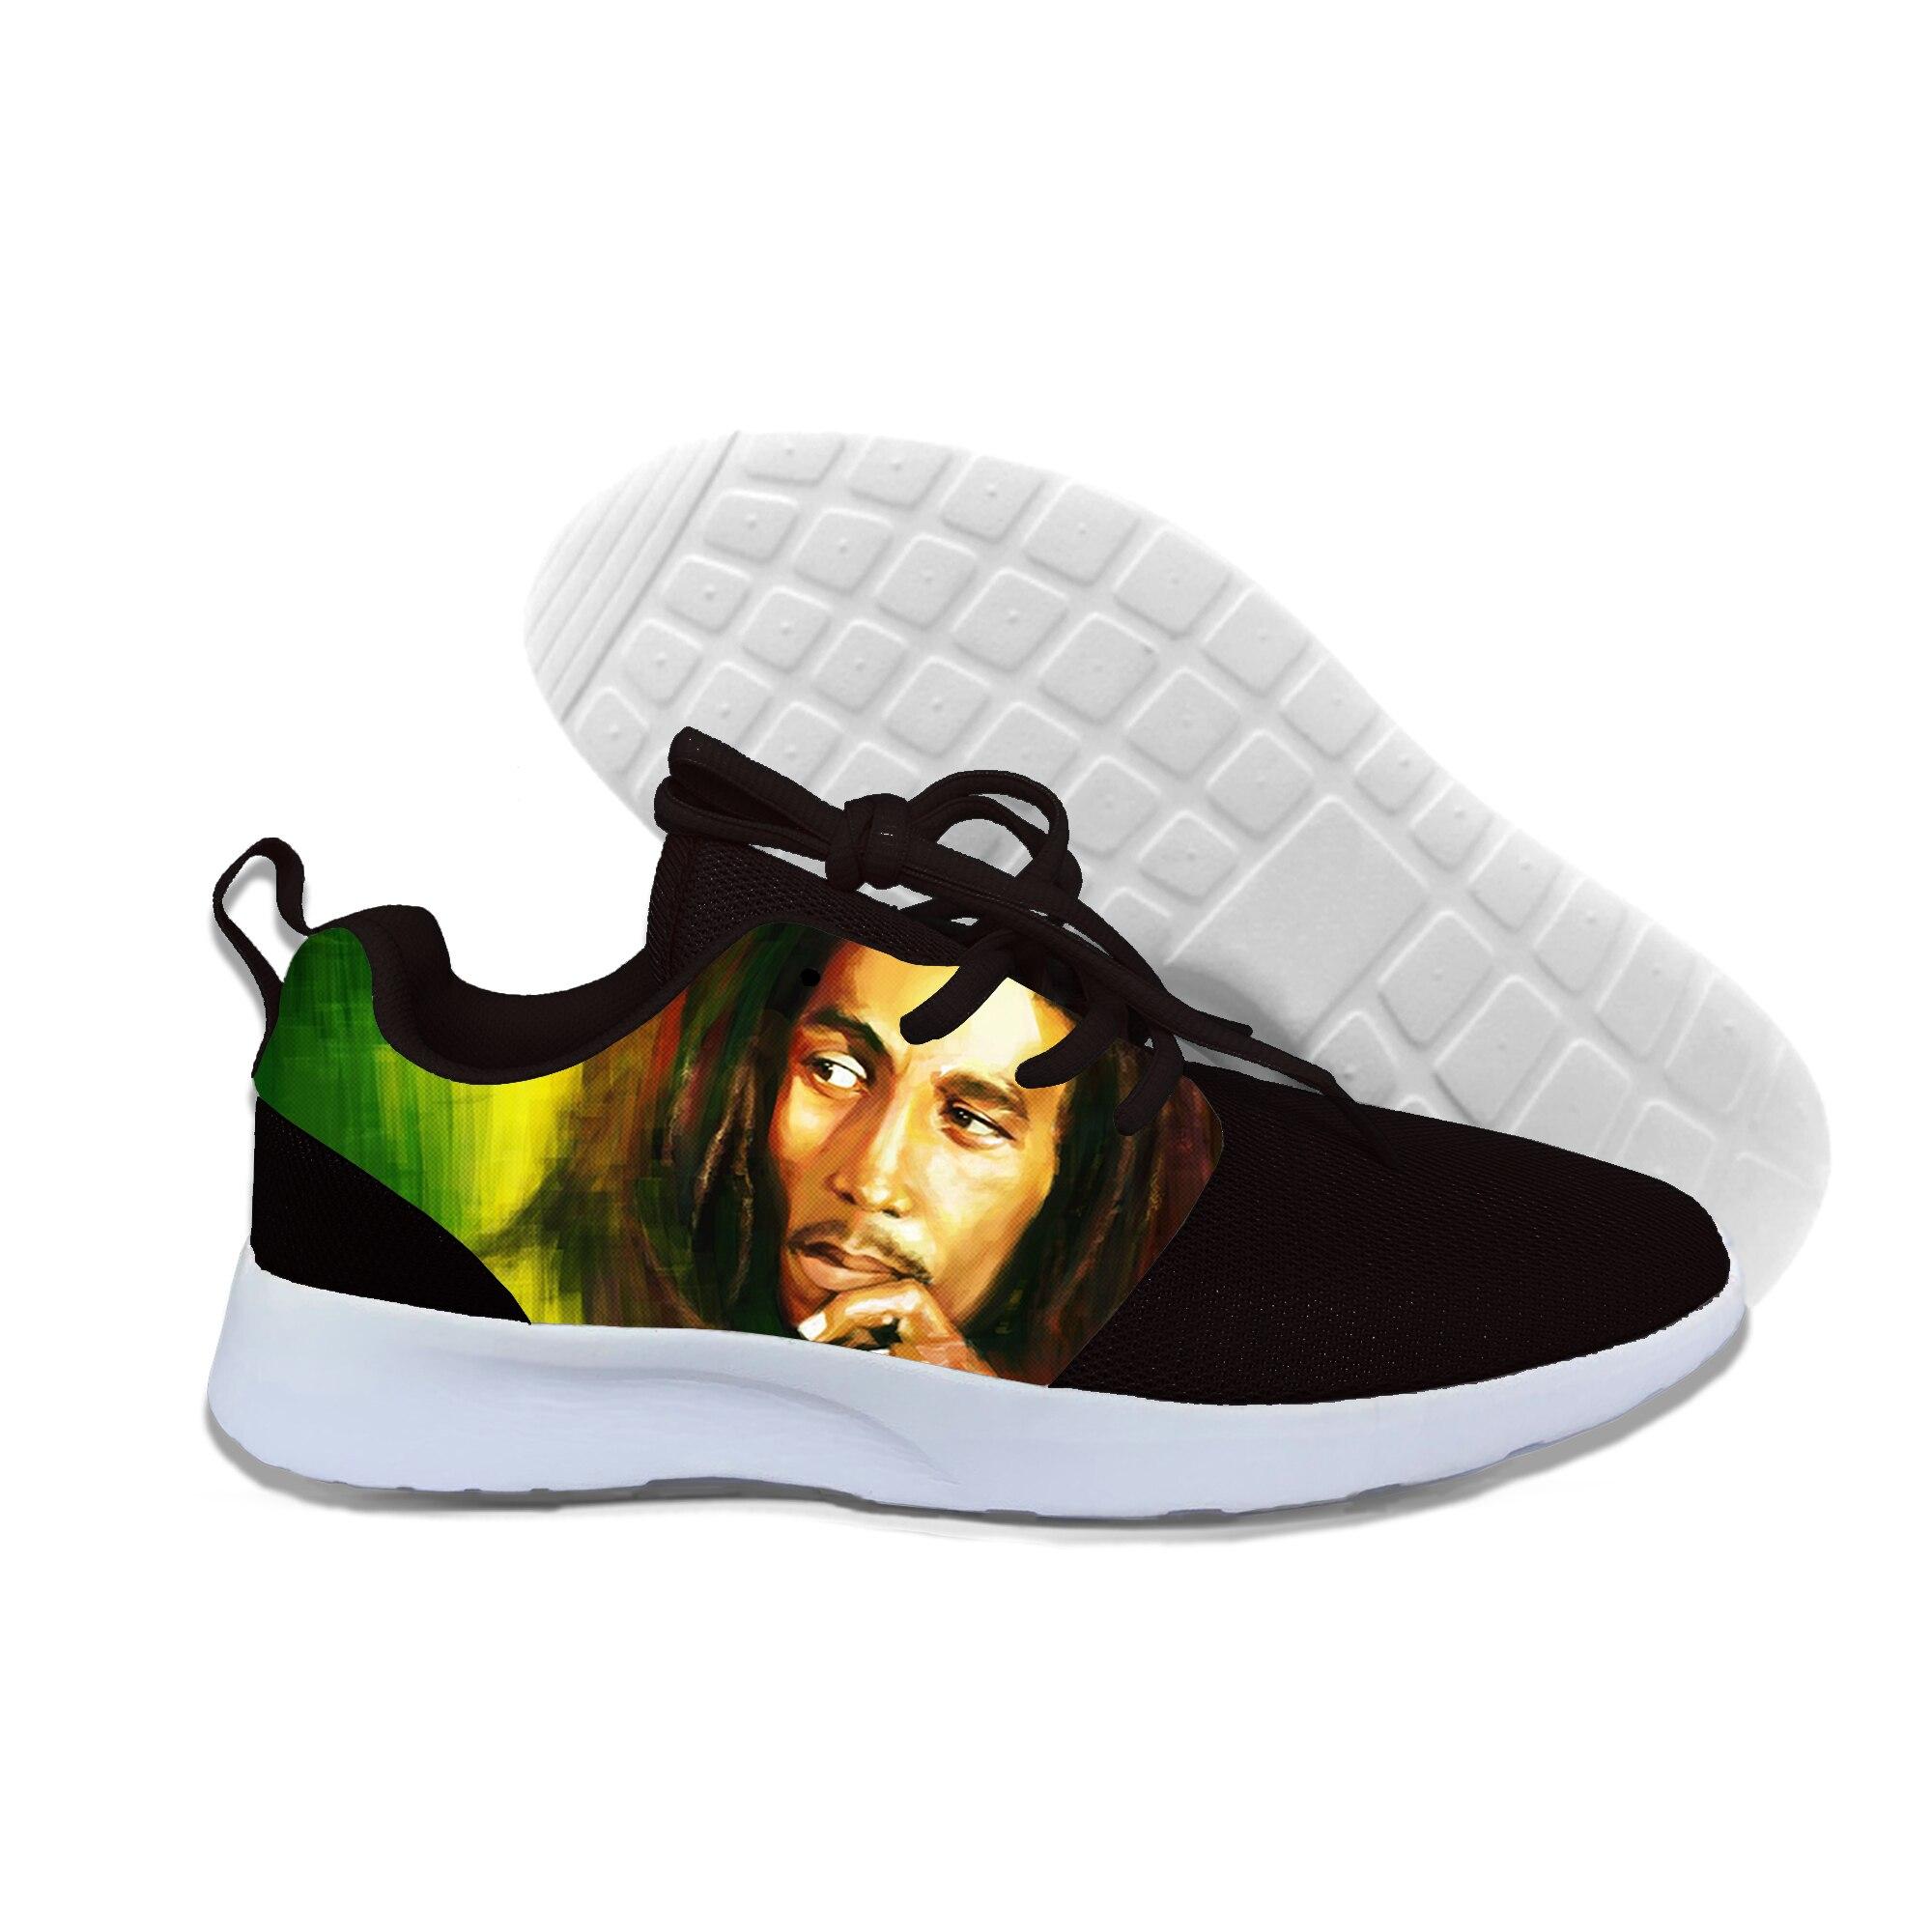 Мужская повседневная обувь из сетчатого материала, на шнуровке, на заказ, Bob Marley удобная модная мужская Обувь На Шнуровке Для Взрослых